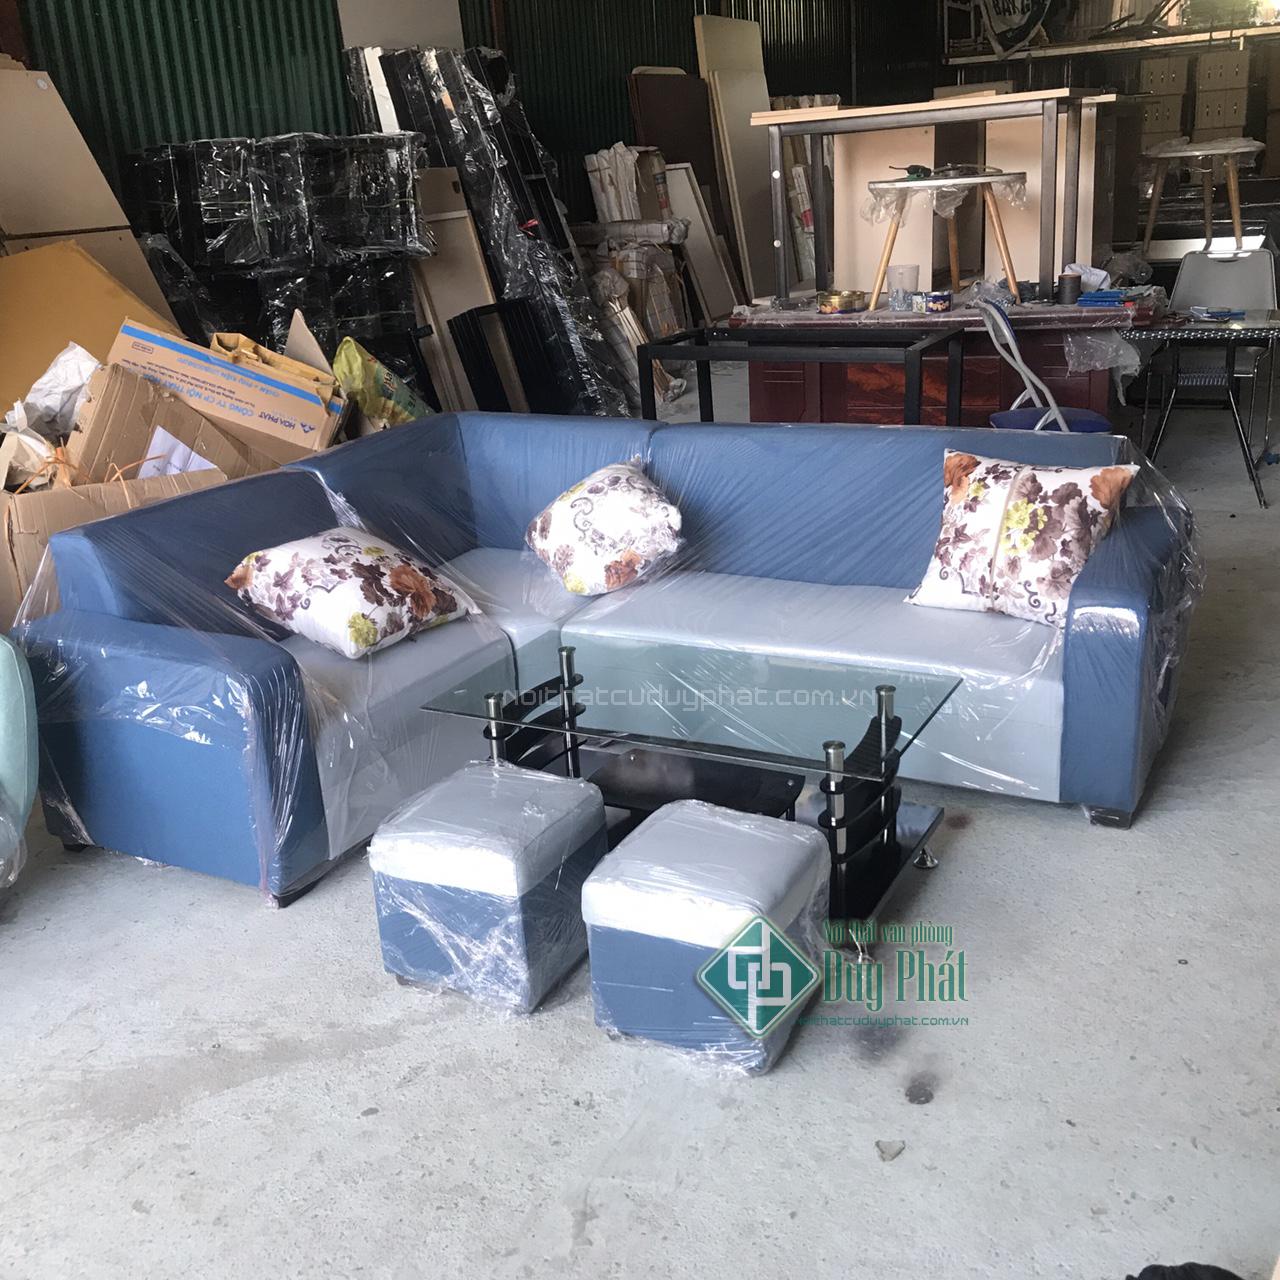 Mua ghế sofa loại nào tốt nhất hiện nay